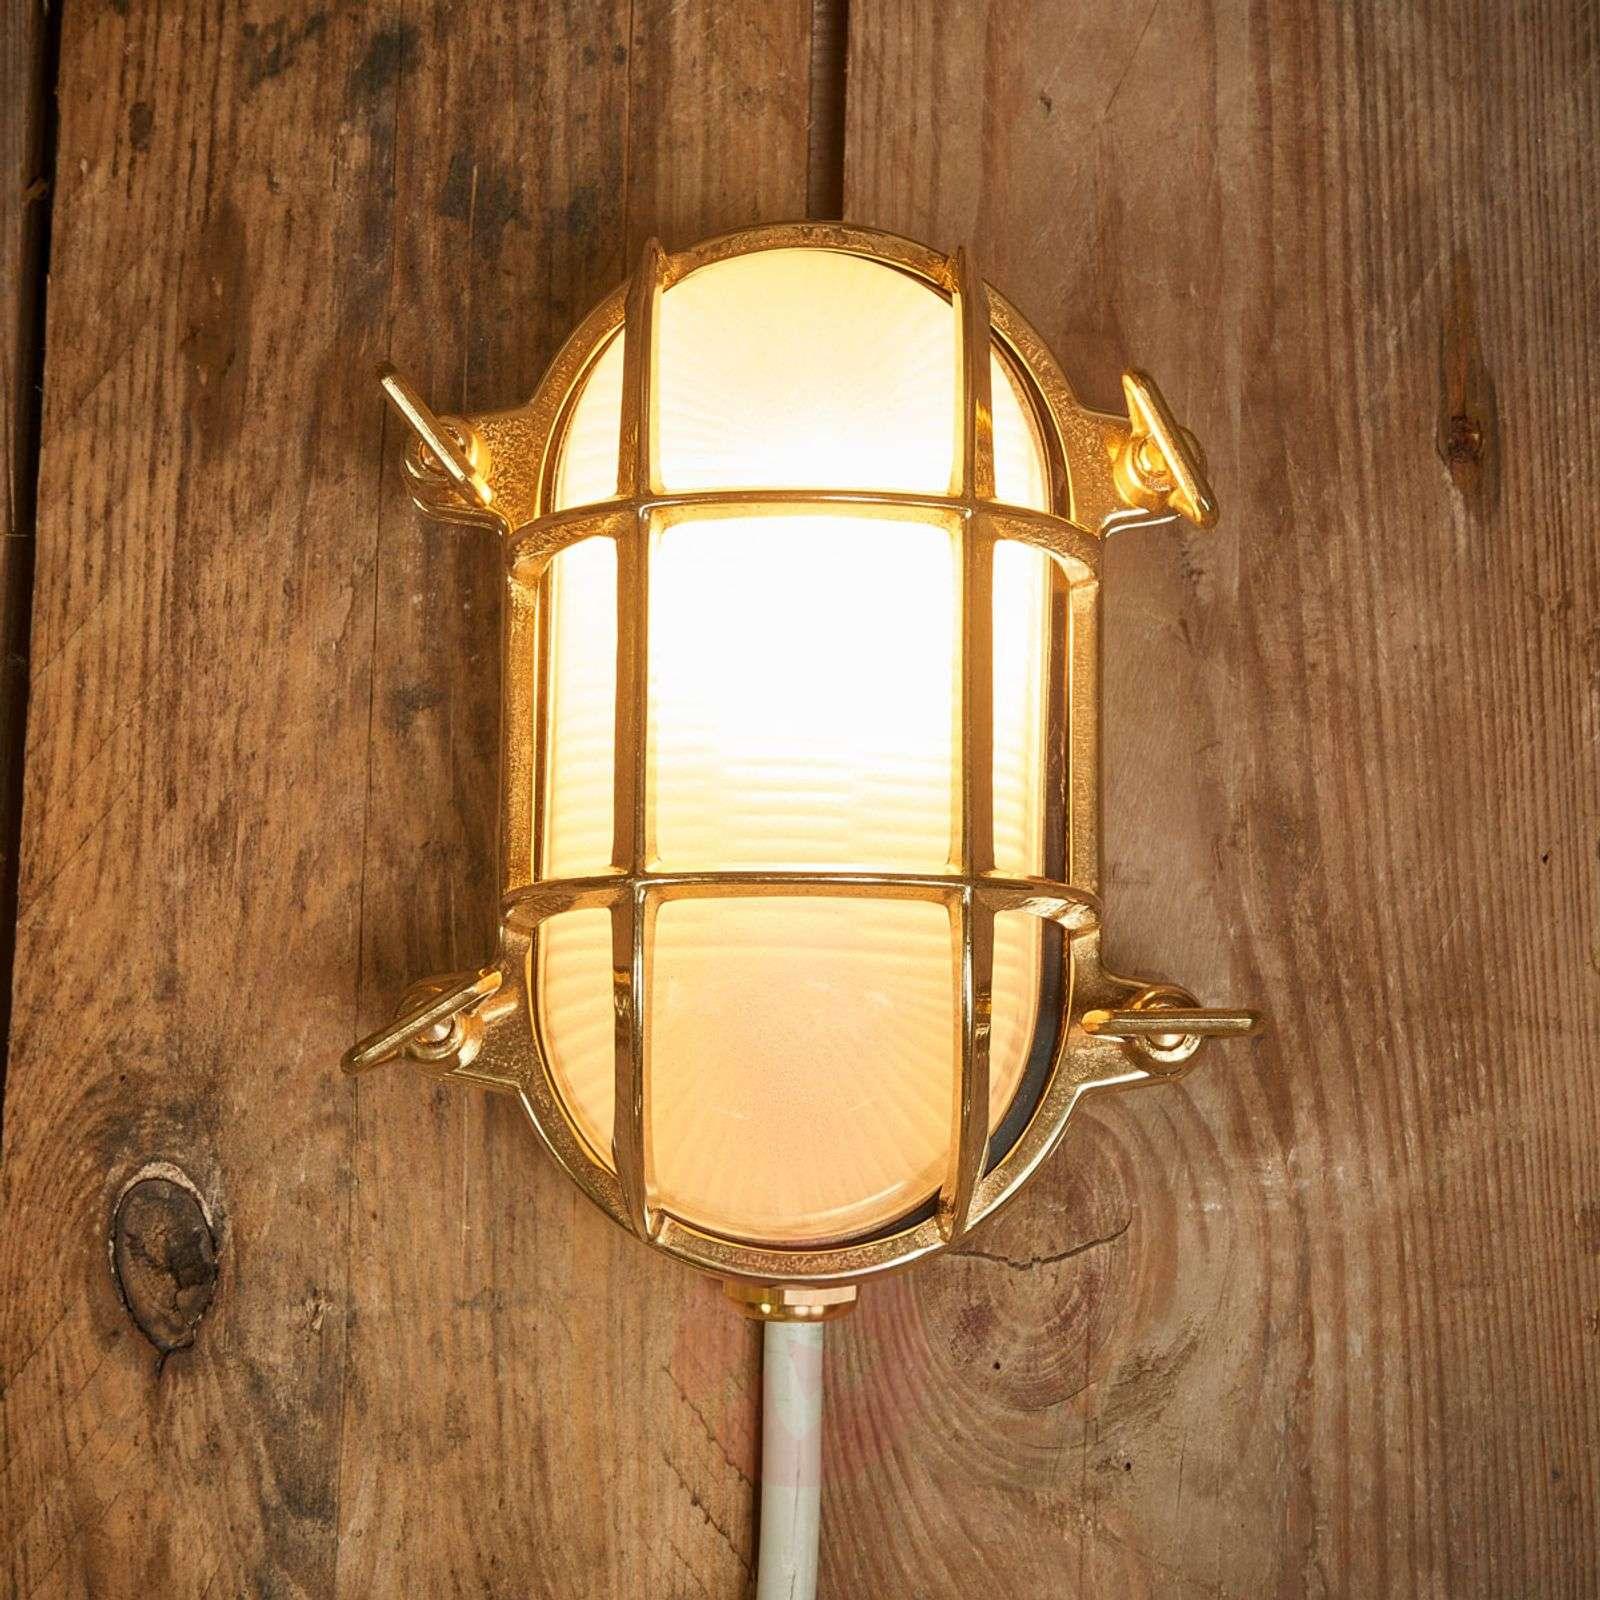 Oval outdoor wall light Bengt brass-6515264-01